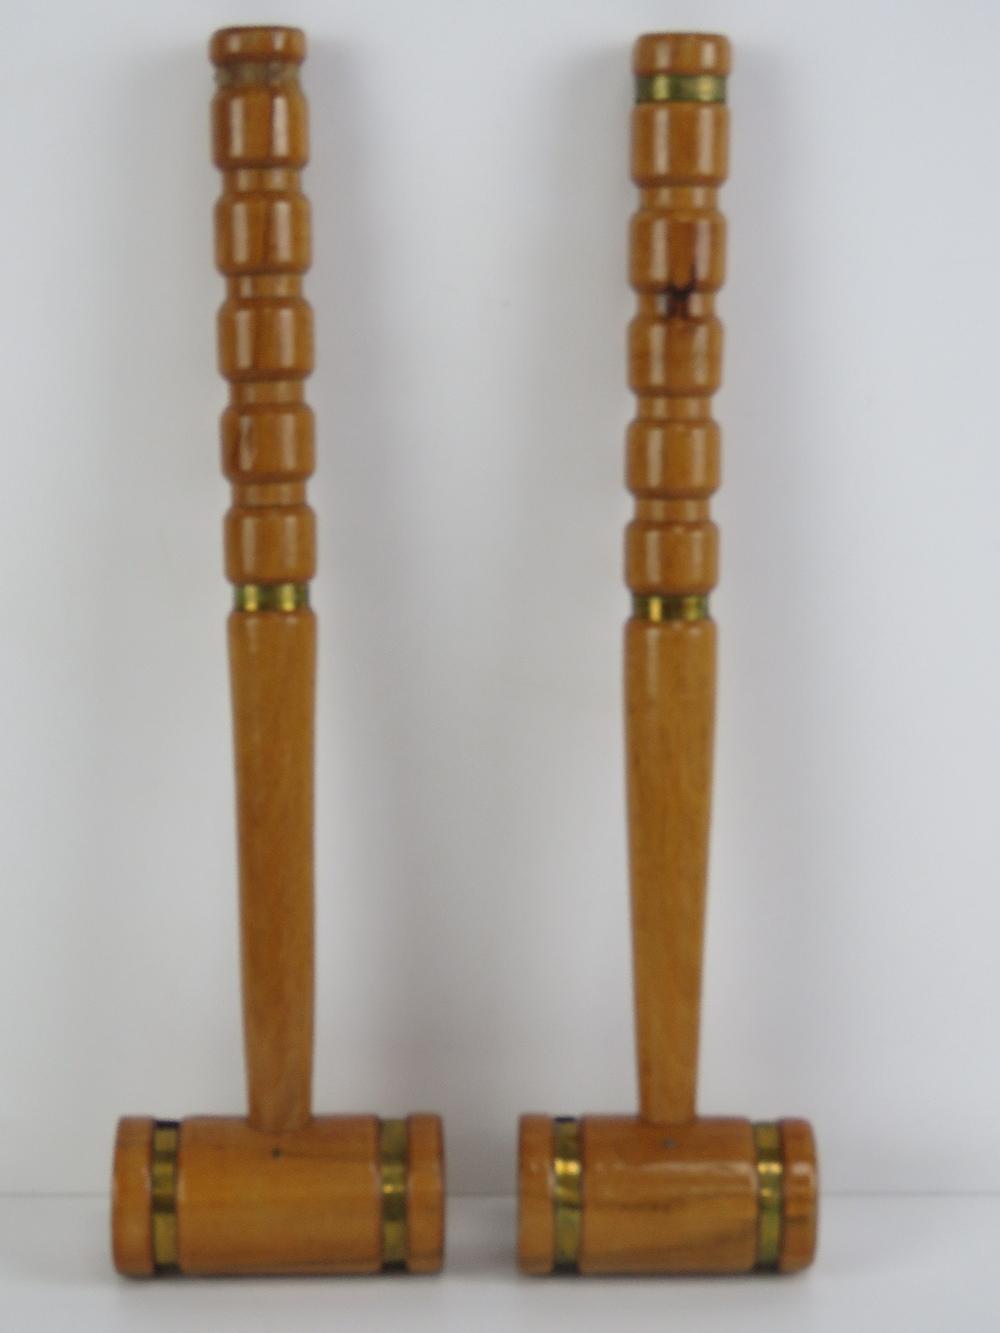 Lot 10 - The Royal Antediluvian Order of Buffaloe